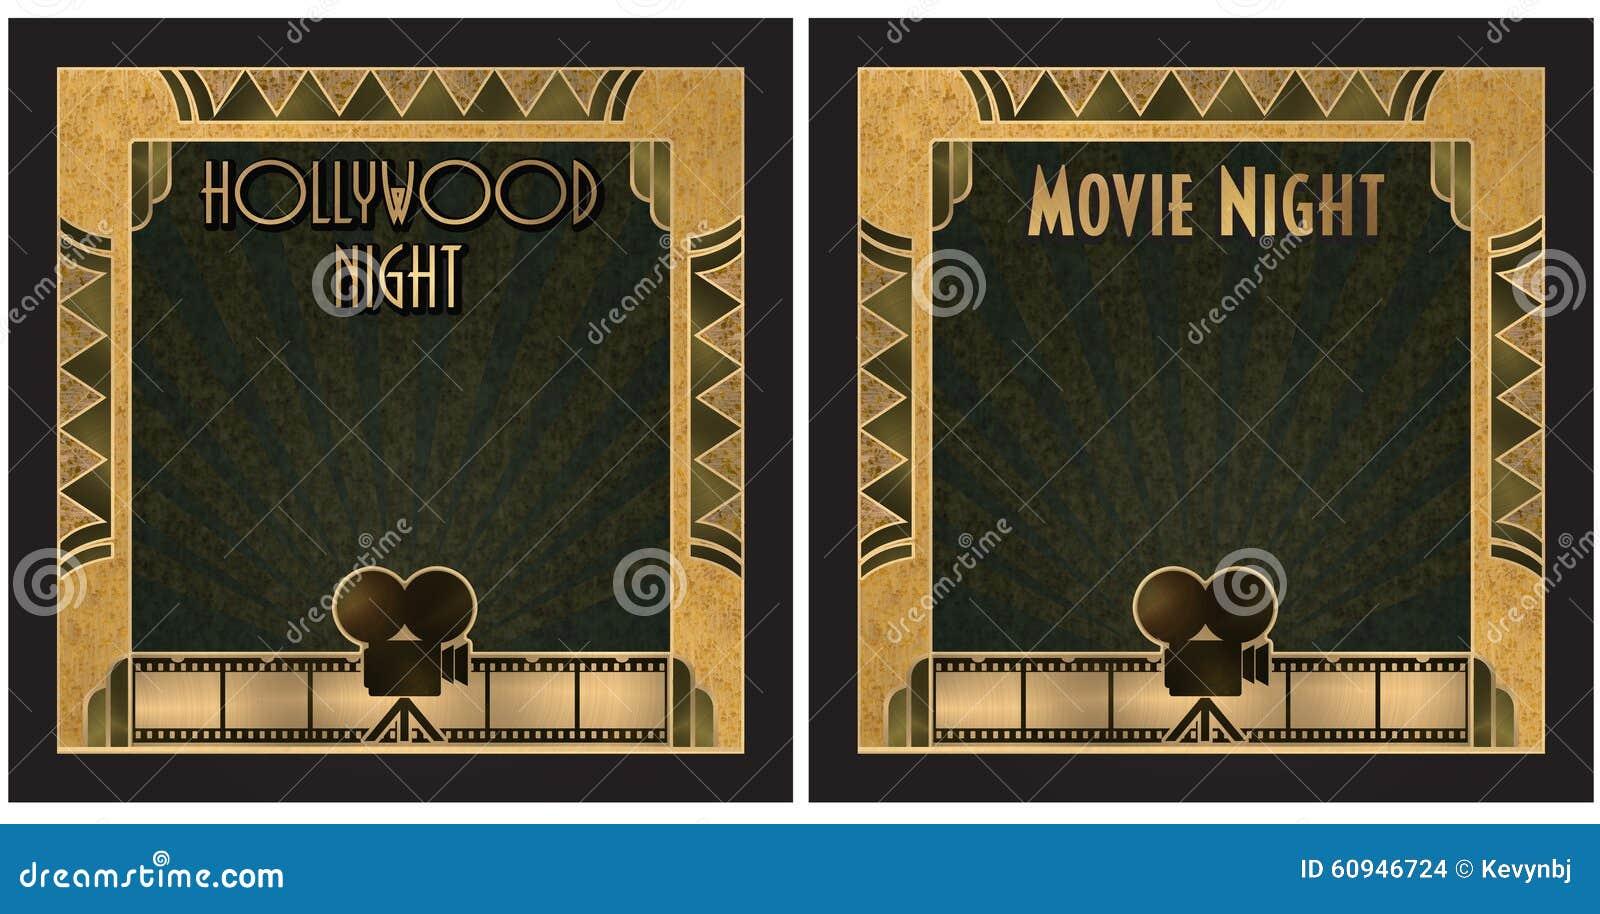 För Hollywood för filmnatt inbjudan natt